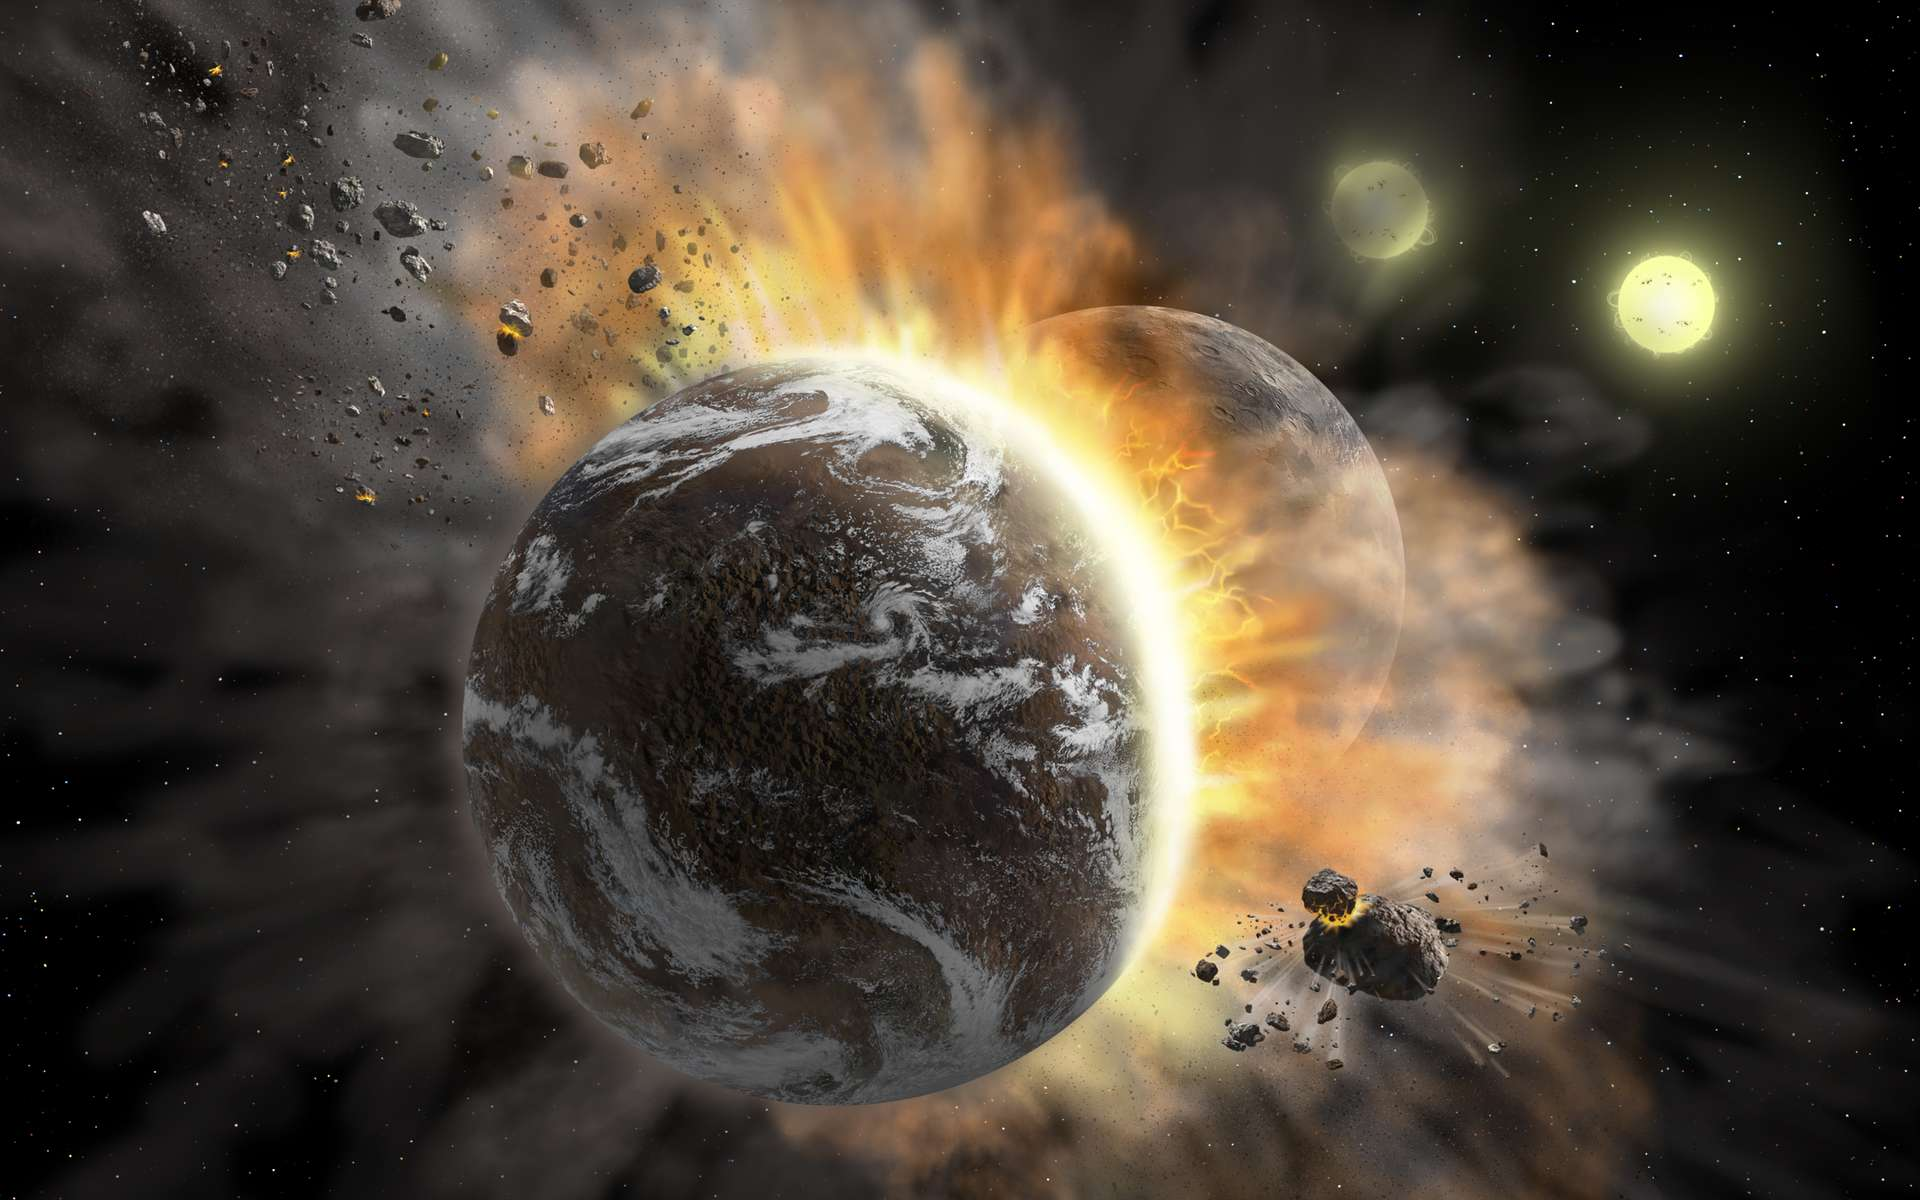 Une vue d'artiste de collisions entre planètes. © NASA/SOFIA/Lynette Cook